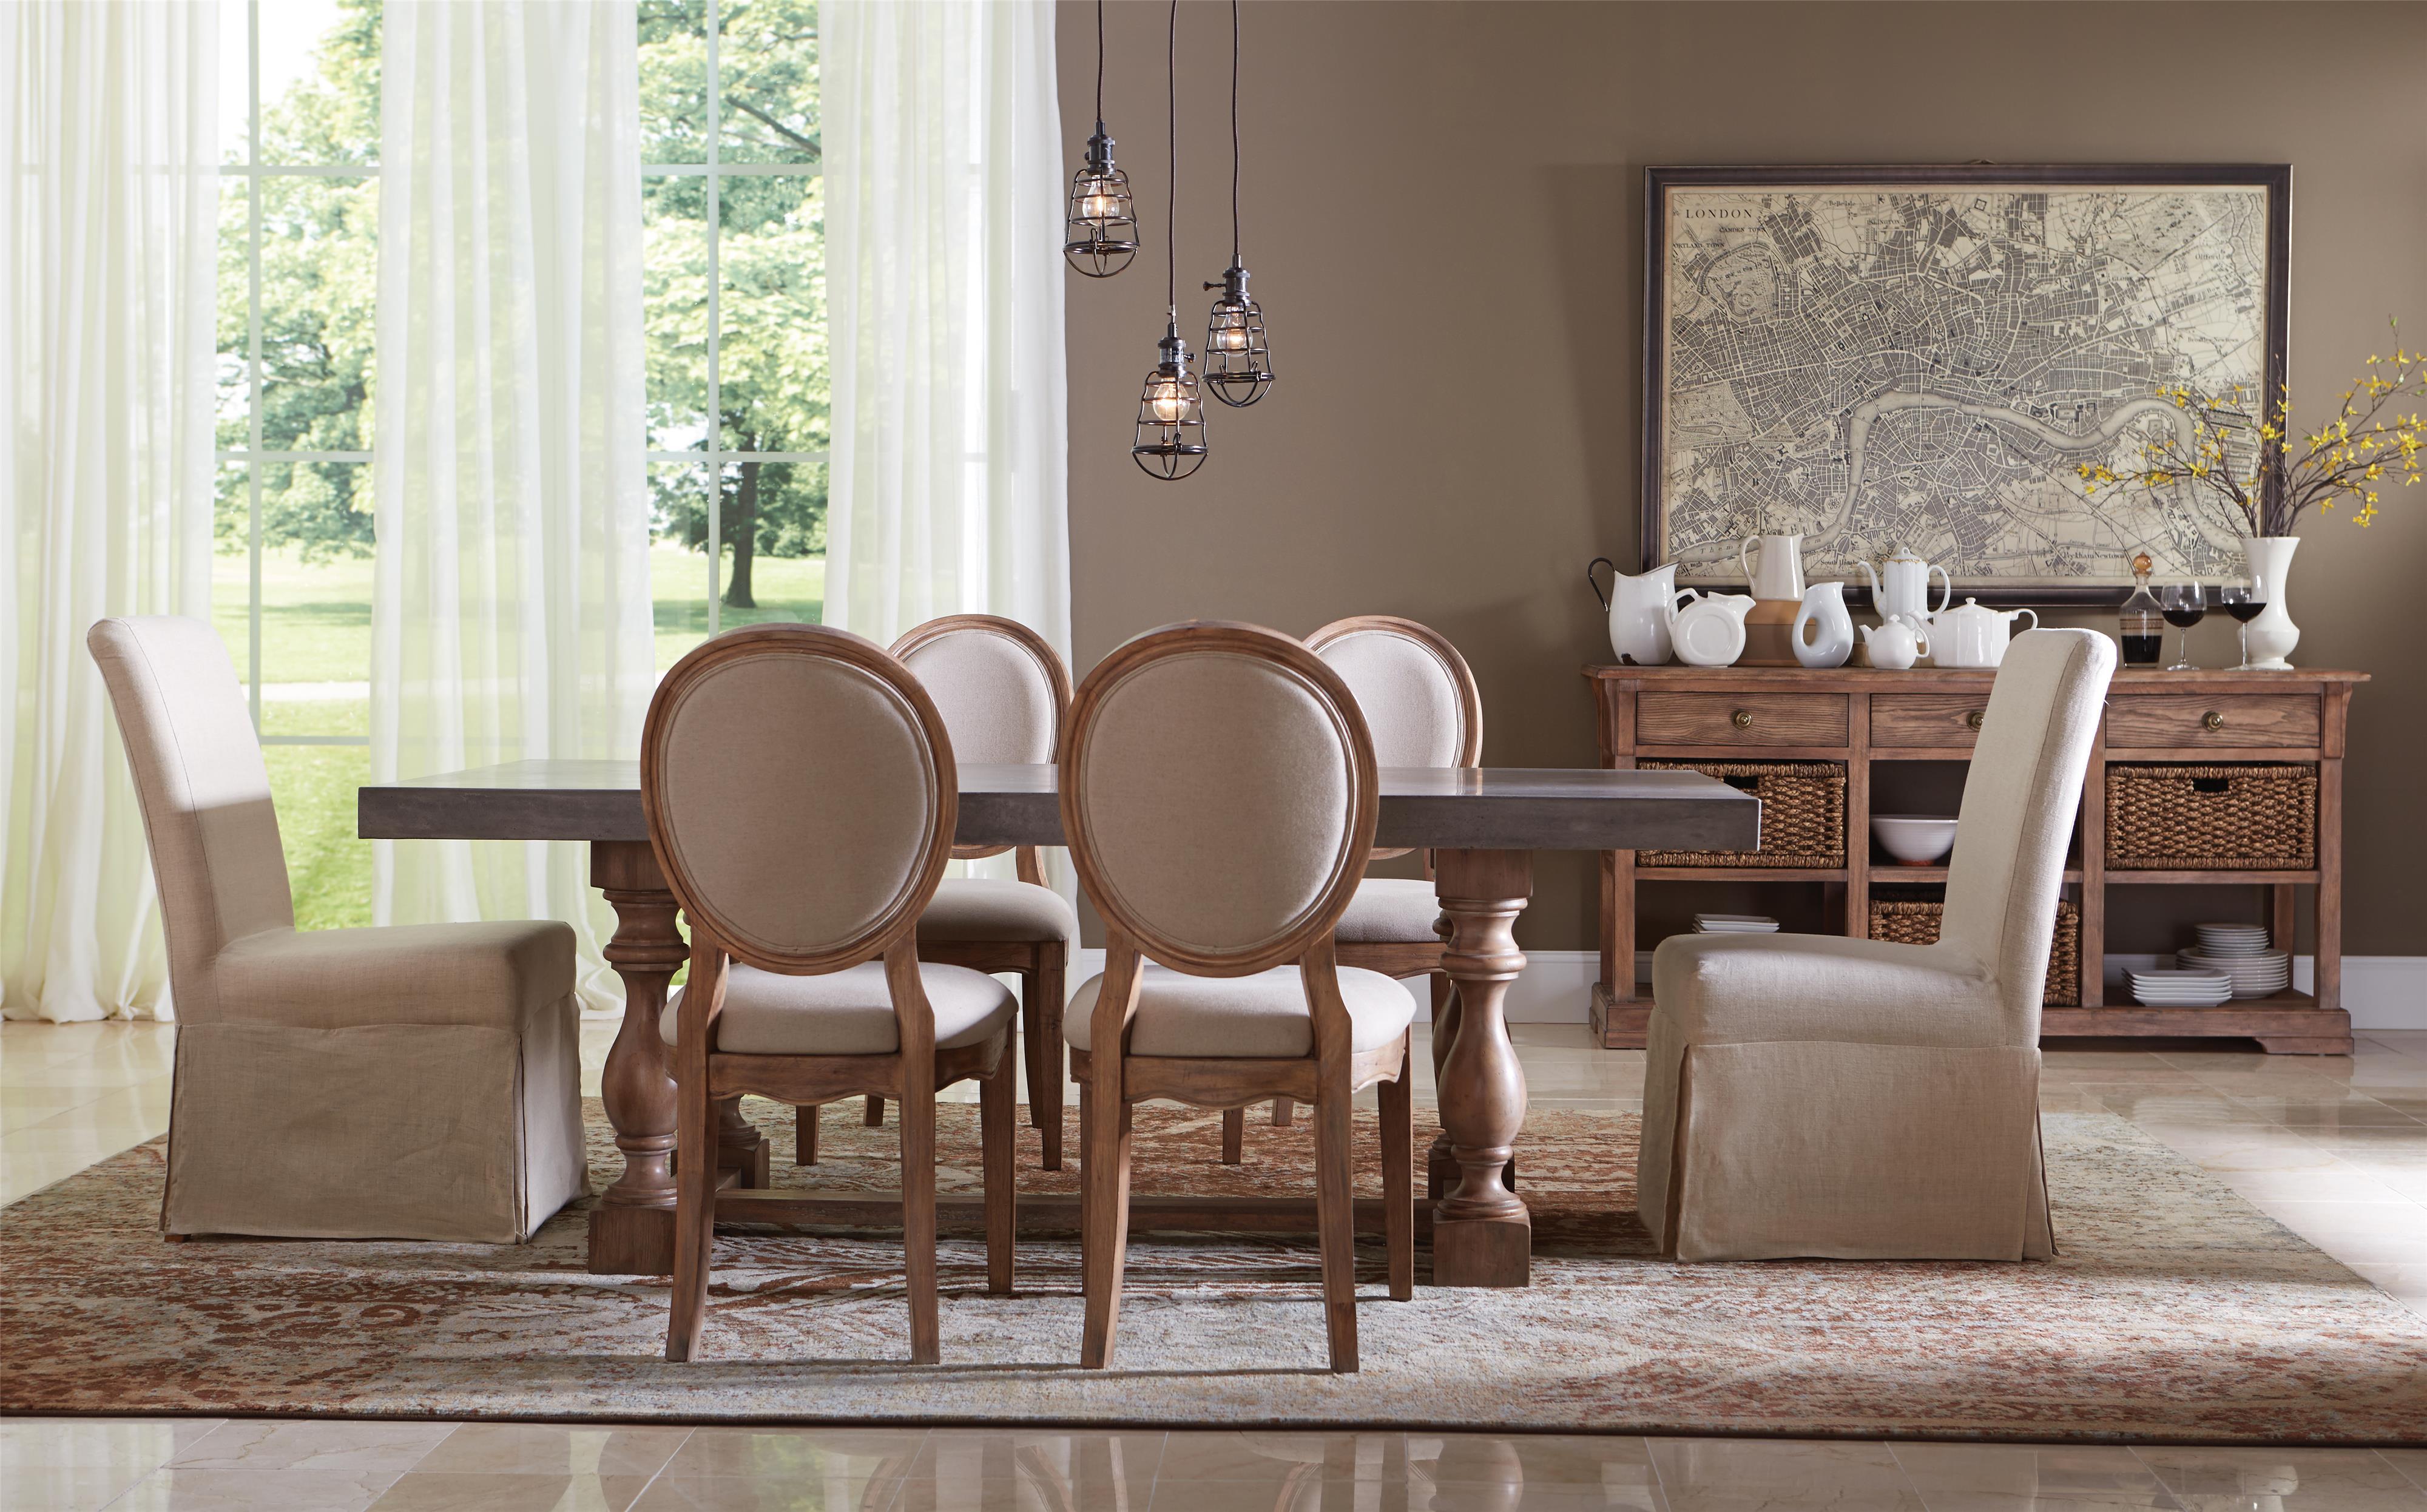 Riverside furniture sherborne formal dining room group 4 for The dining room sherborne